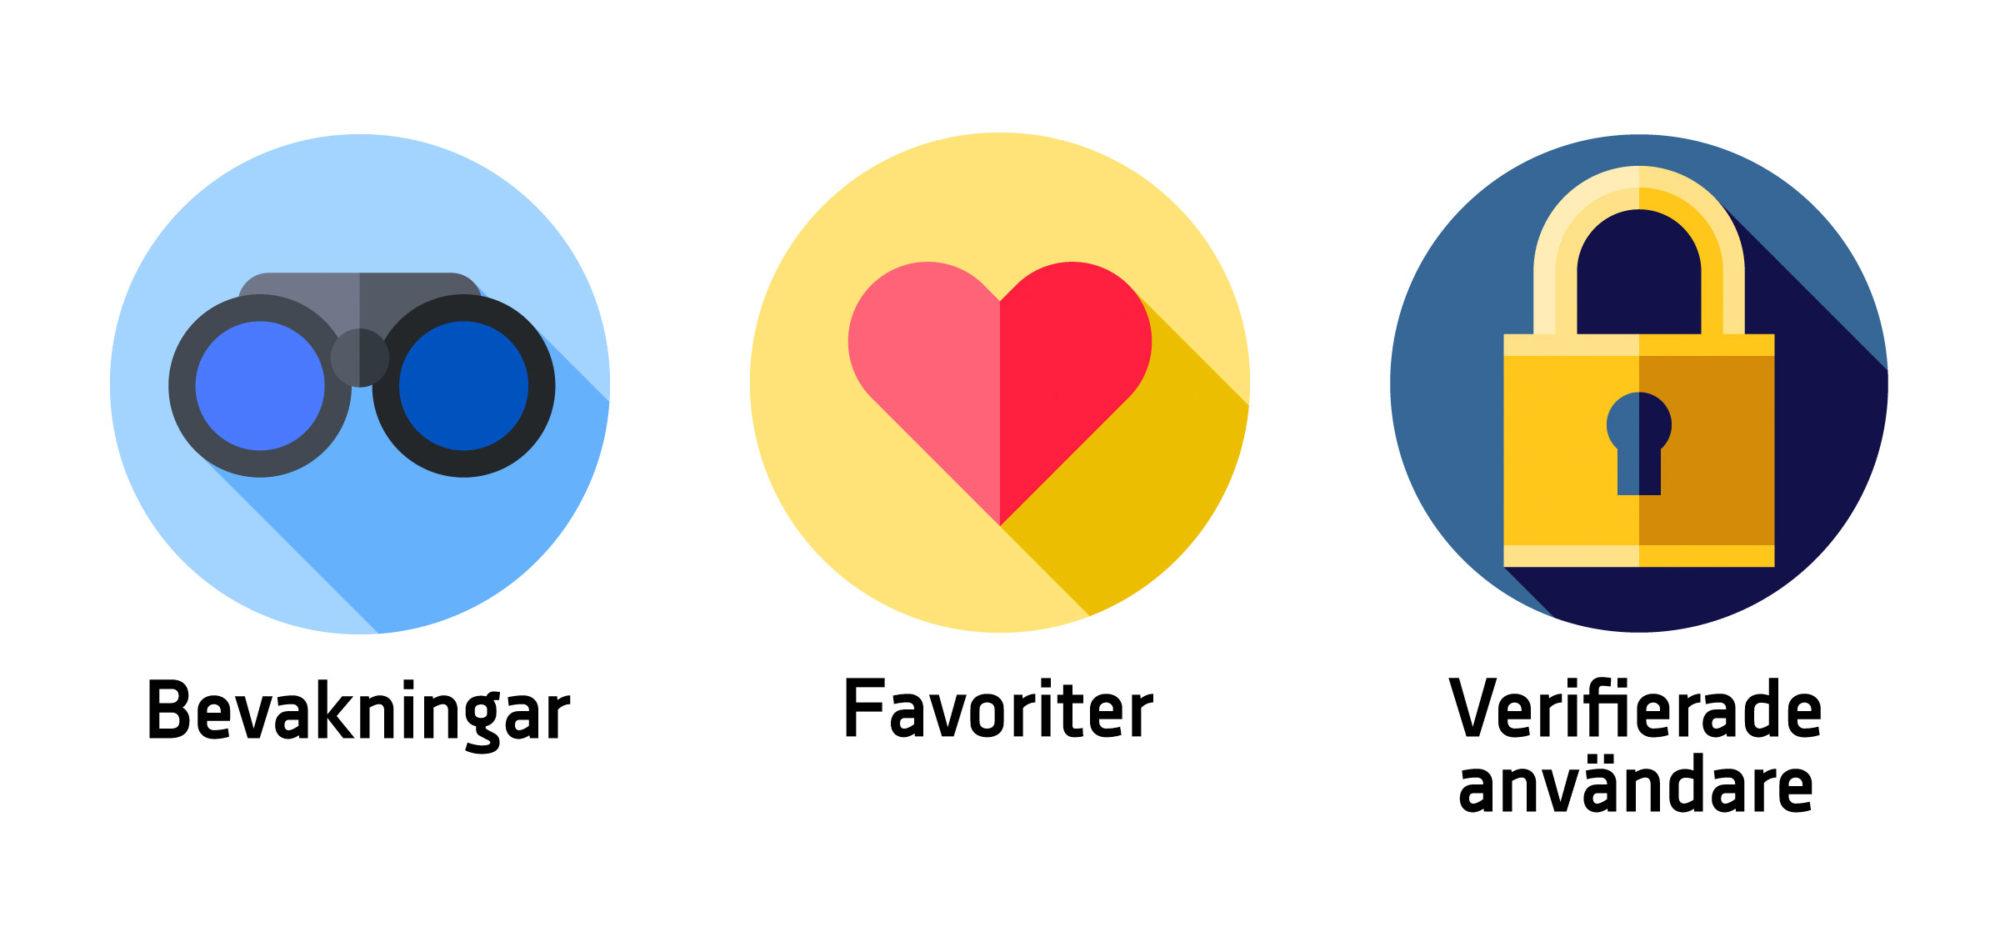 bevakningar_favoriter_verifierade_anvandare-2000x952.jpg